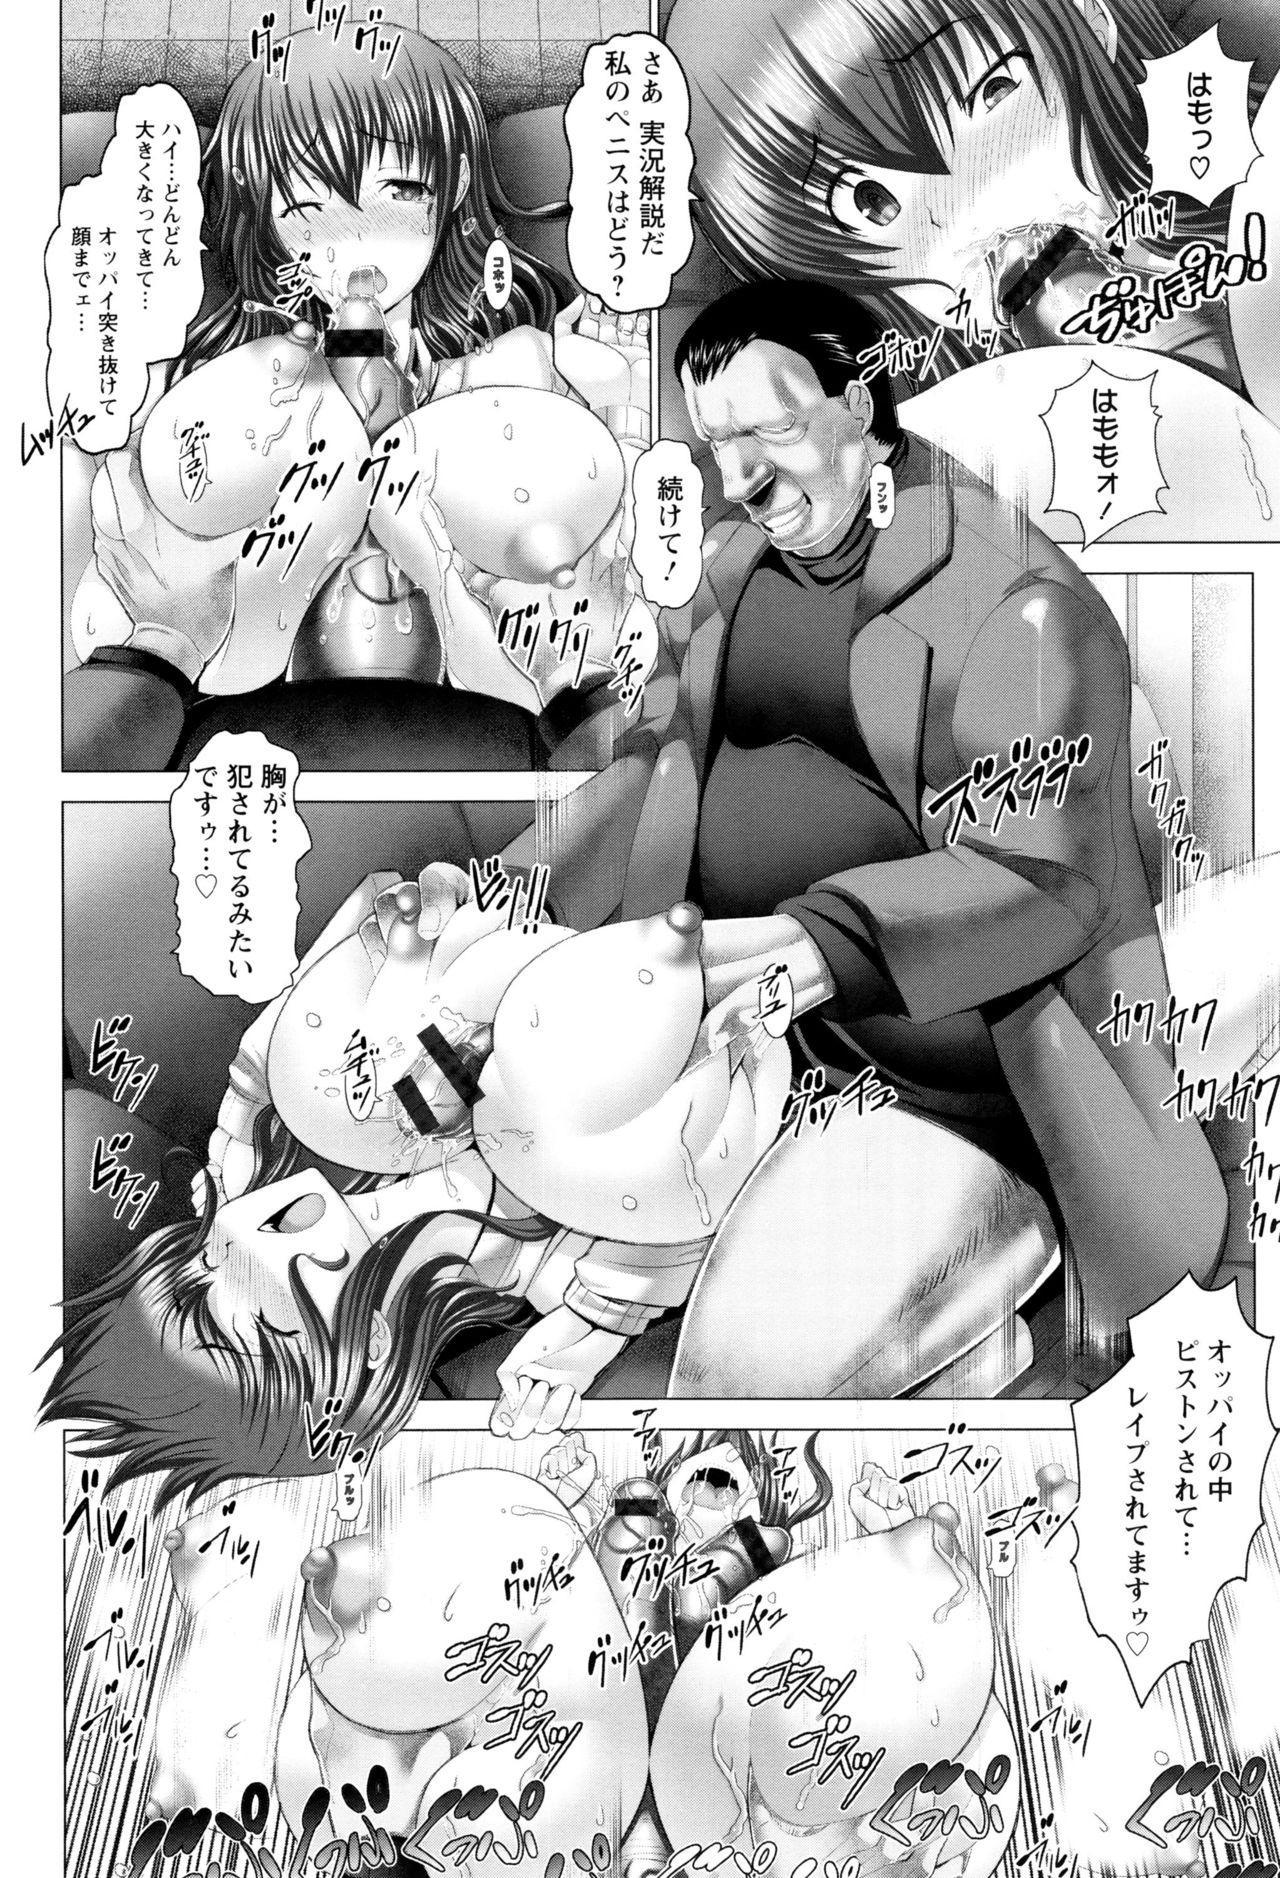 Kotoko wa Isshou Yokkyuufuman 142